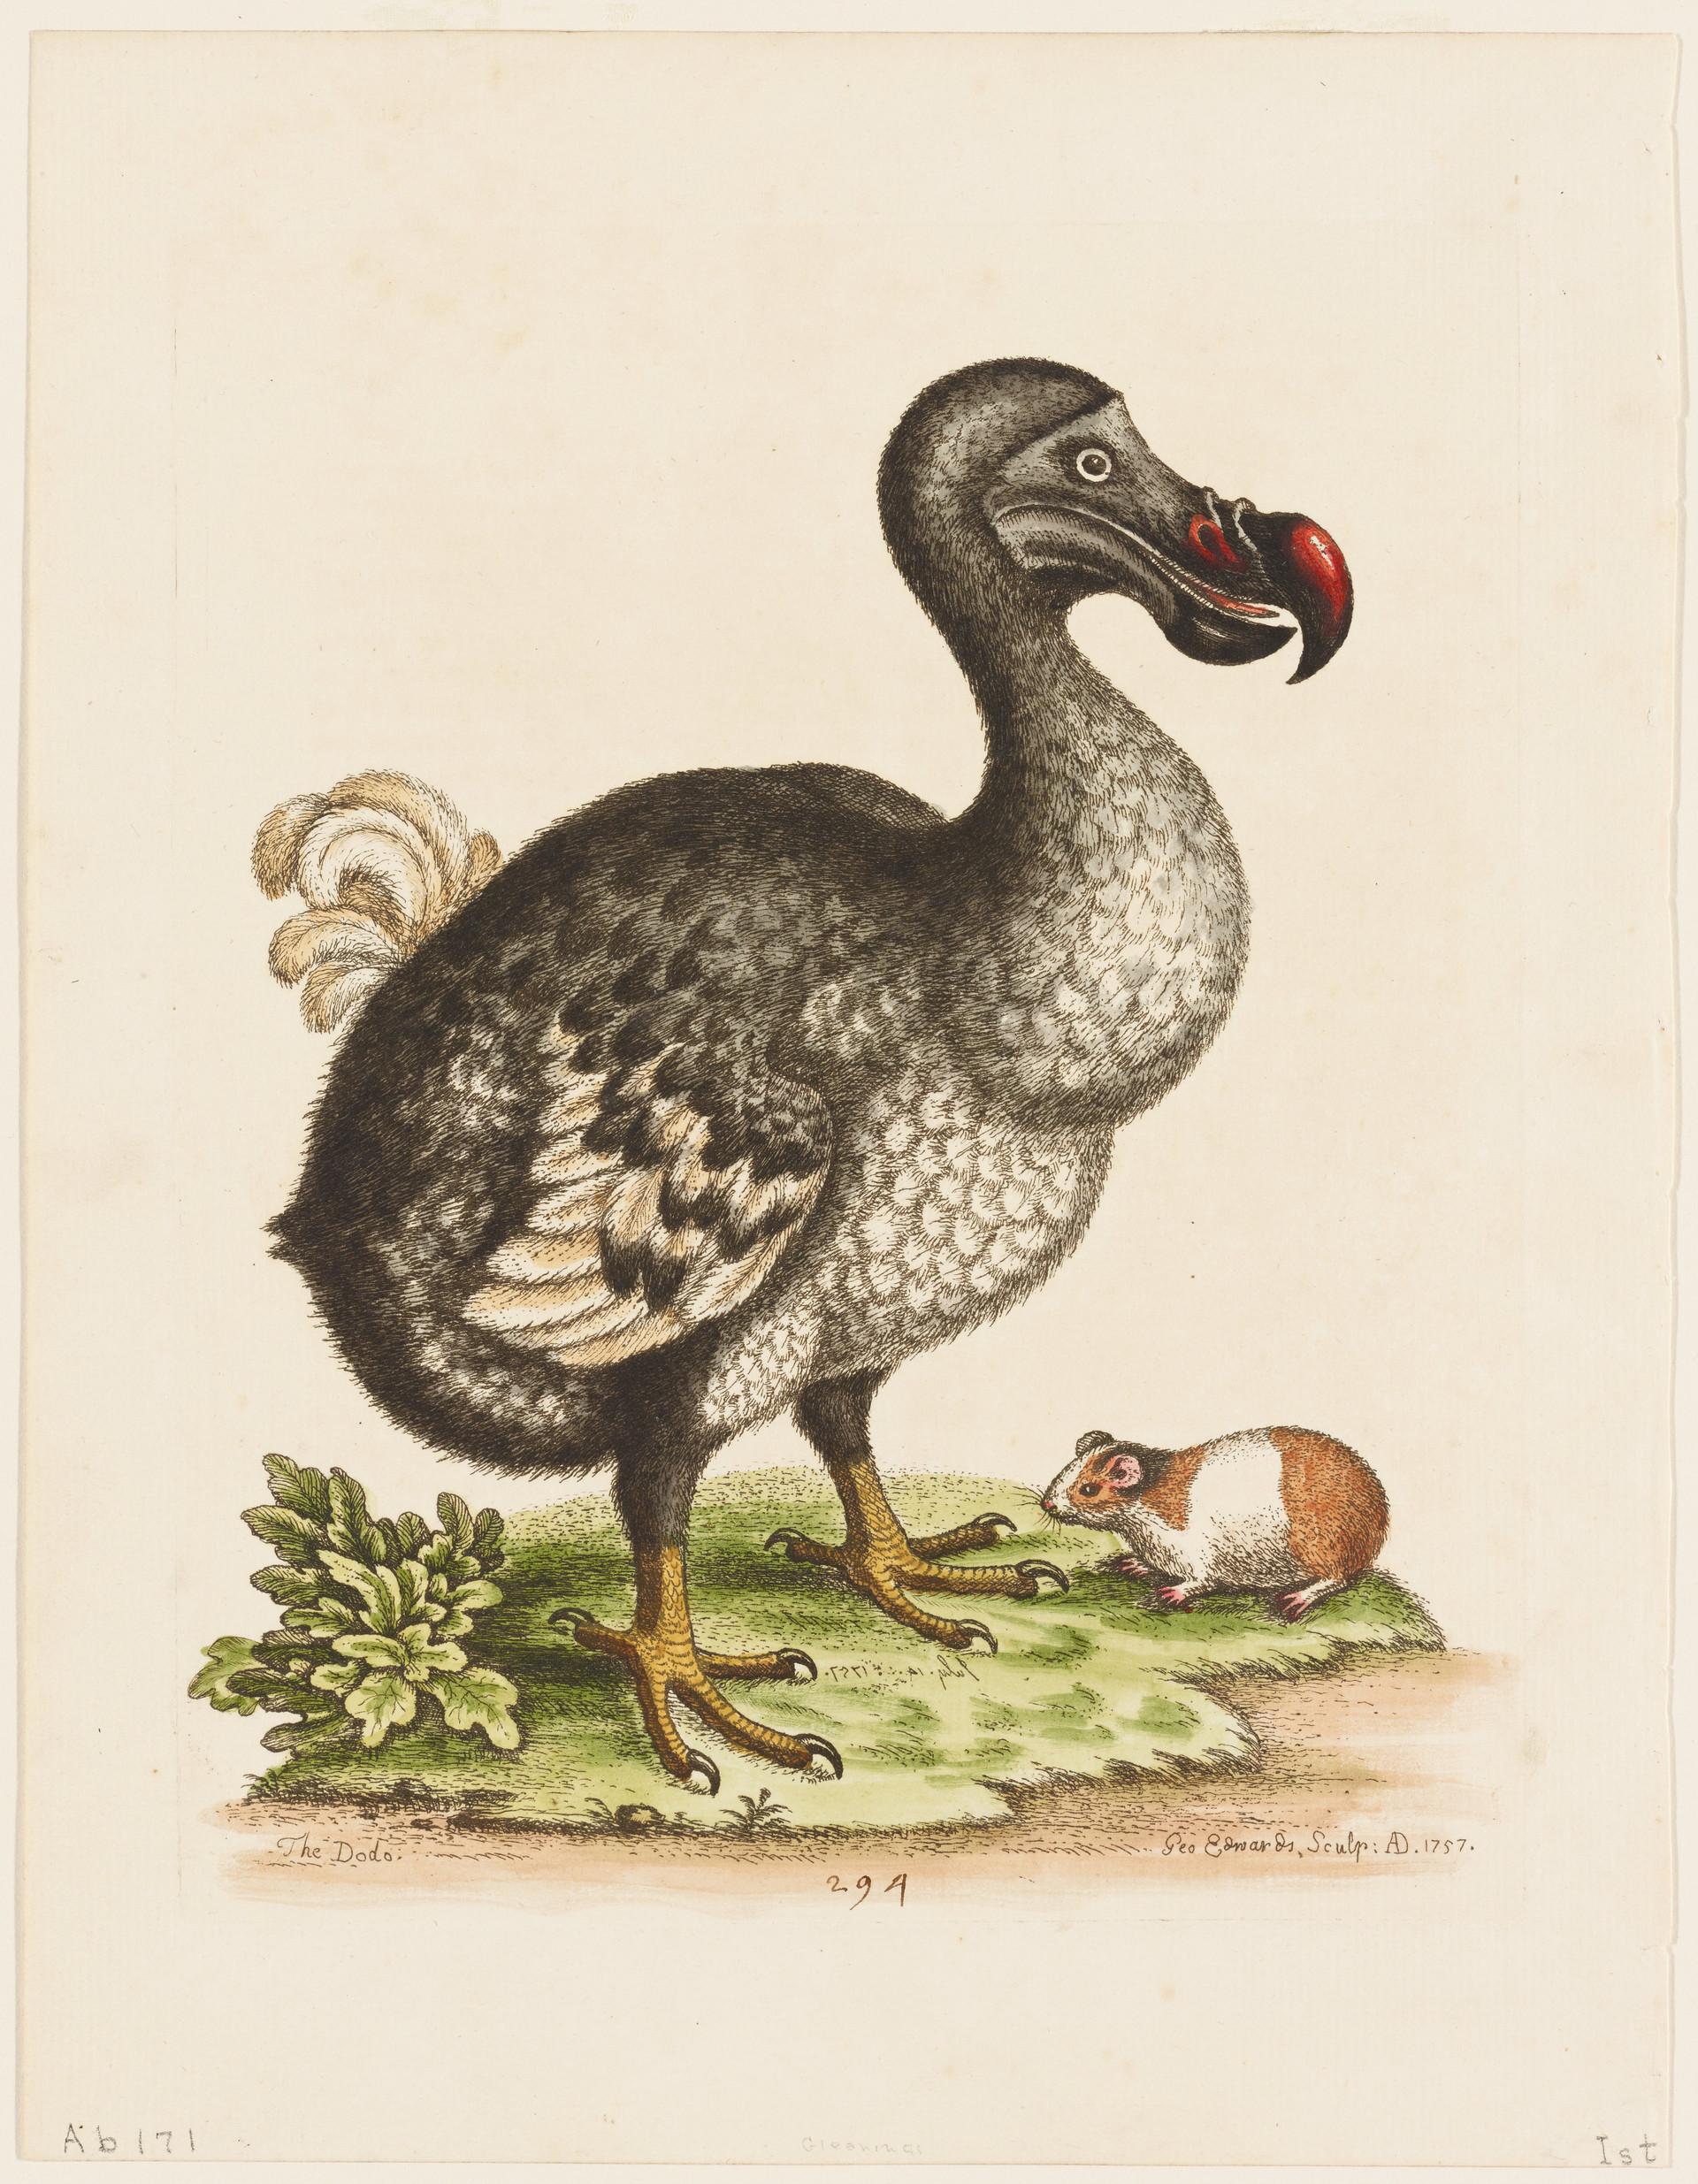 Dodo with Guinea Pig